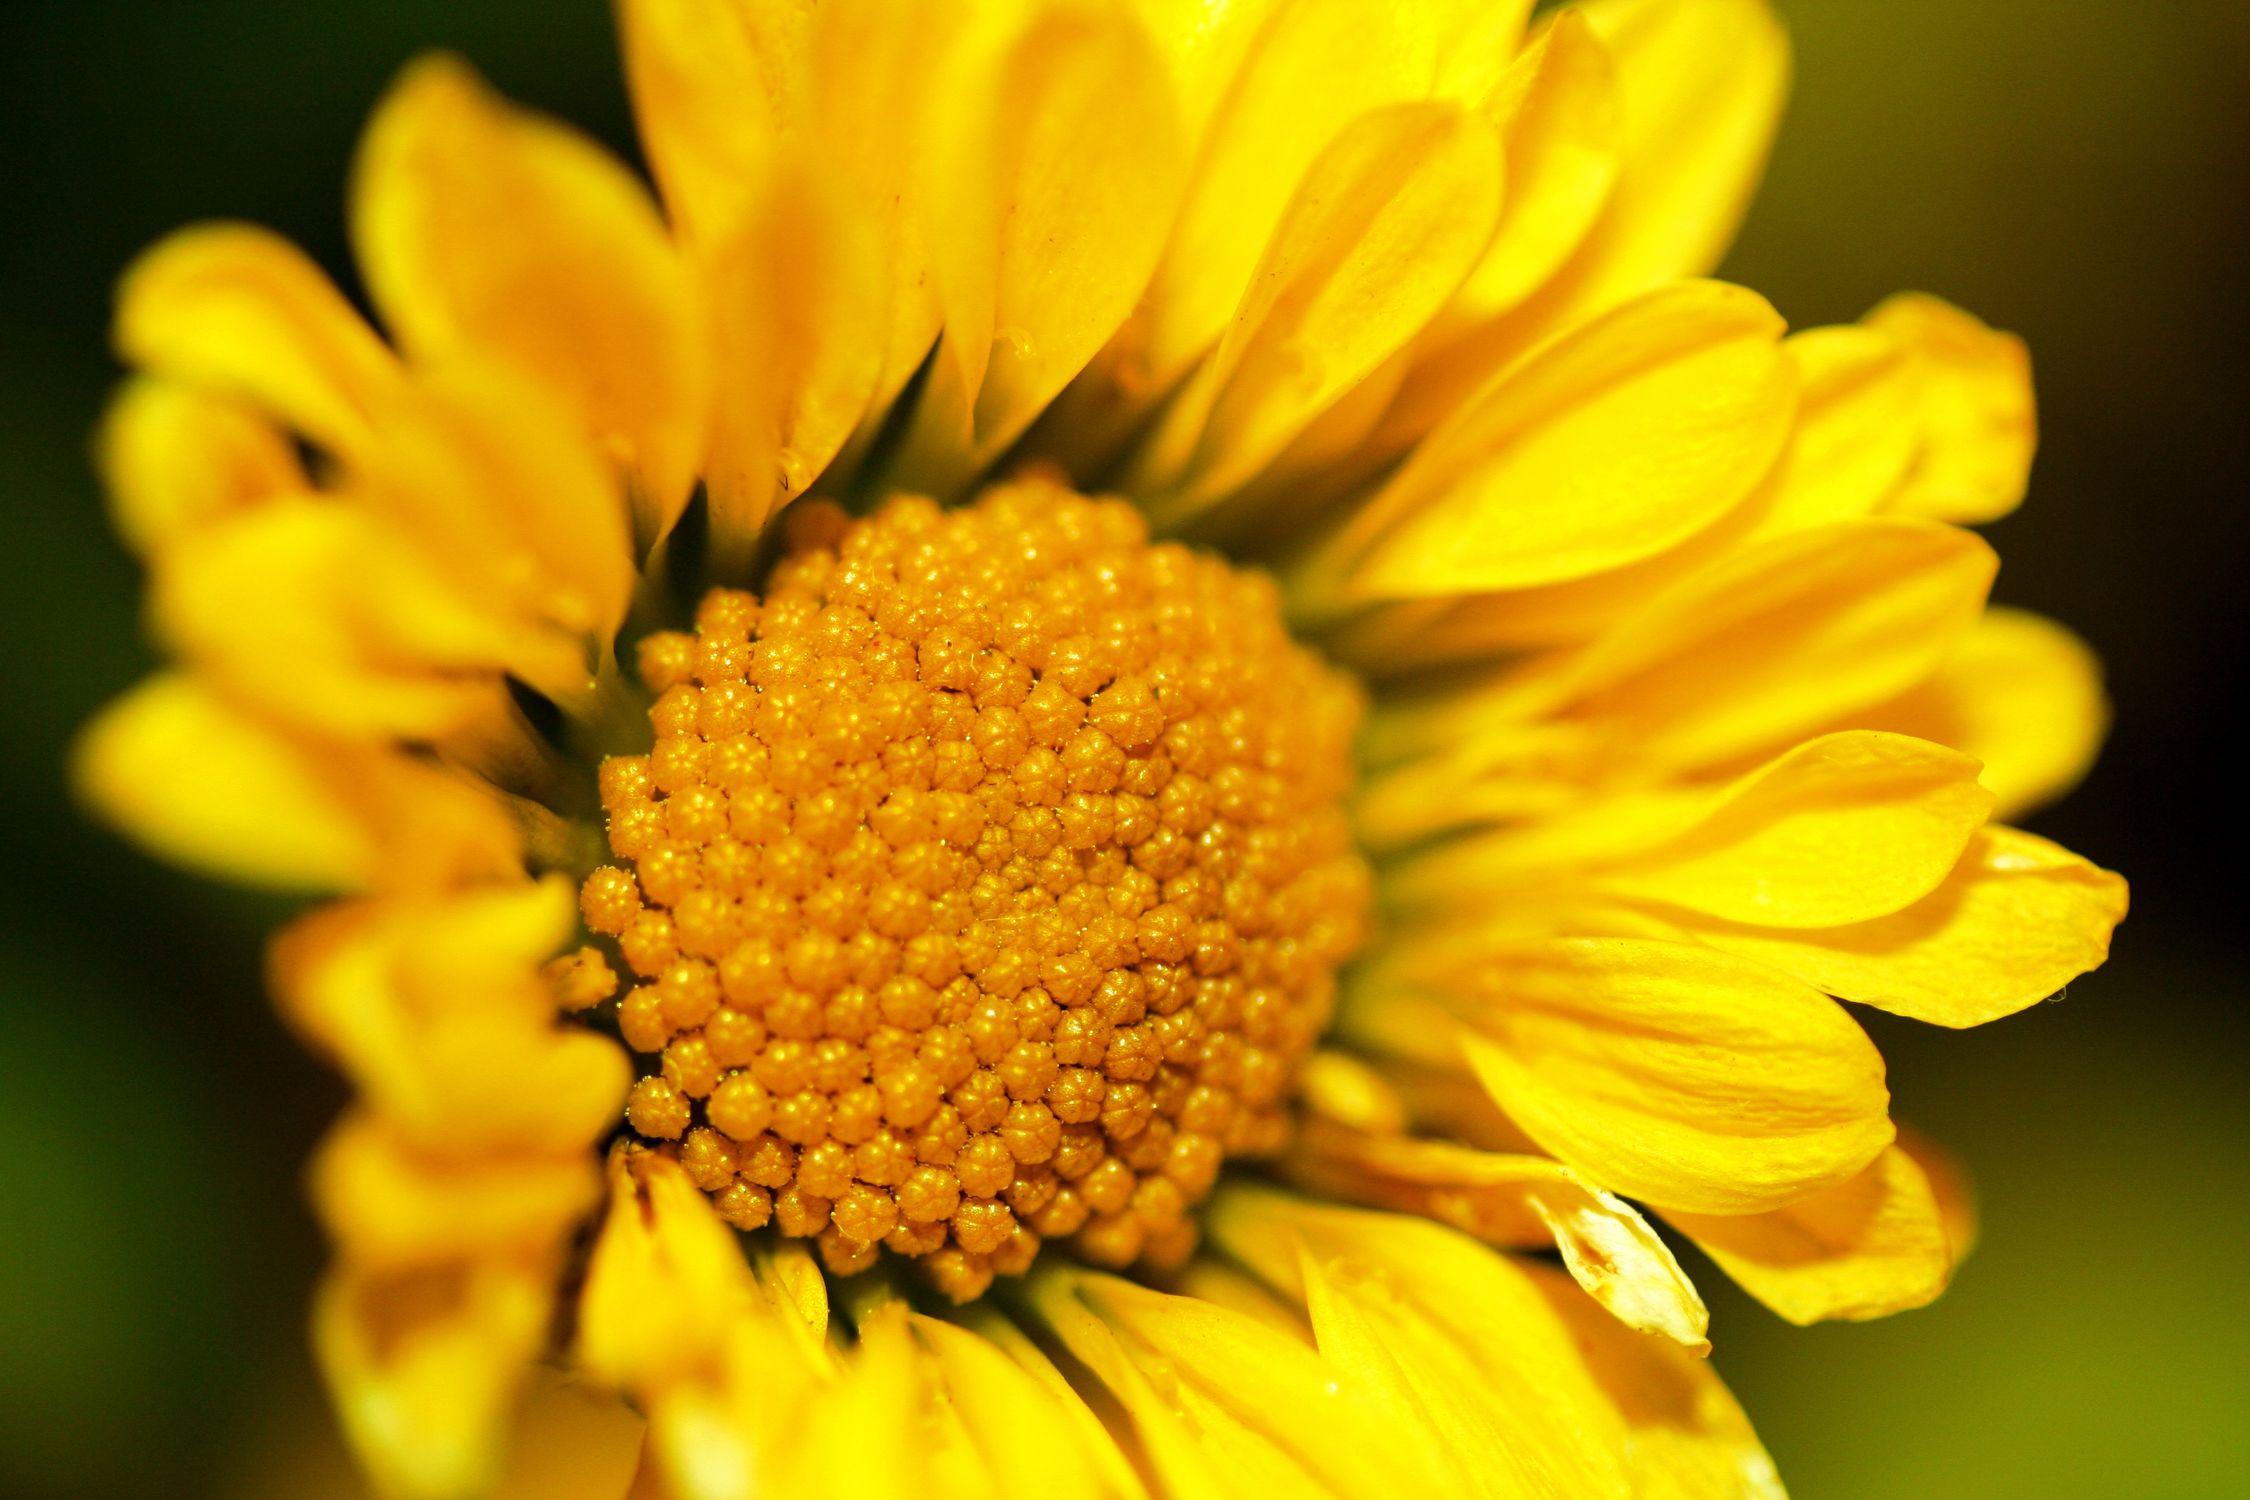 Bild mit Farben, Gelb, Natur, Pflanzen, Himmel, Jahreszeiten, Blumen, Frühling, Korbblütler, Sonnenblumen